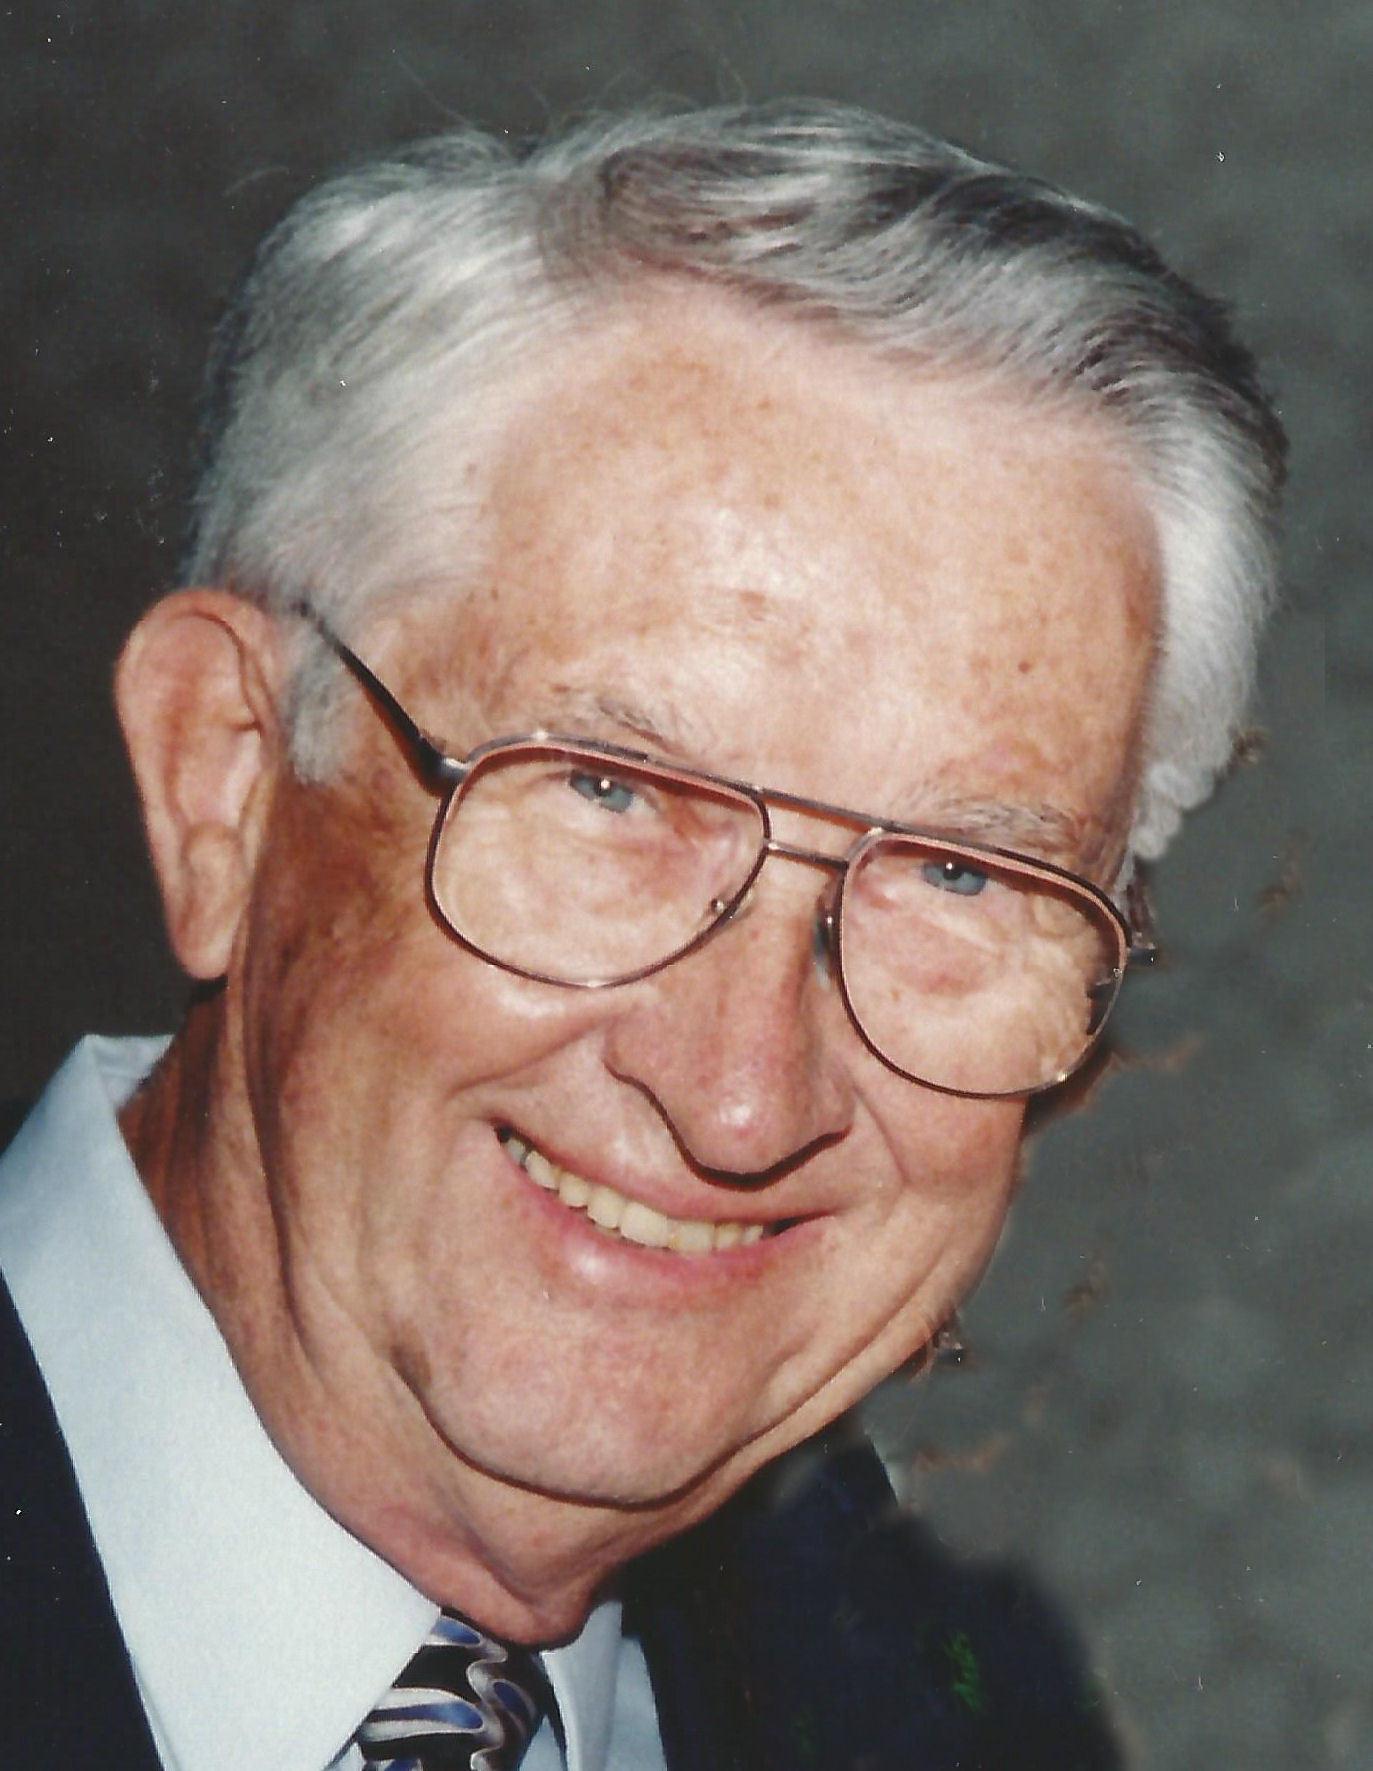 Kenneth E. Benson